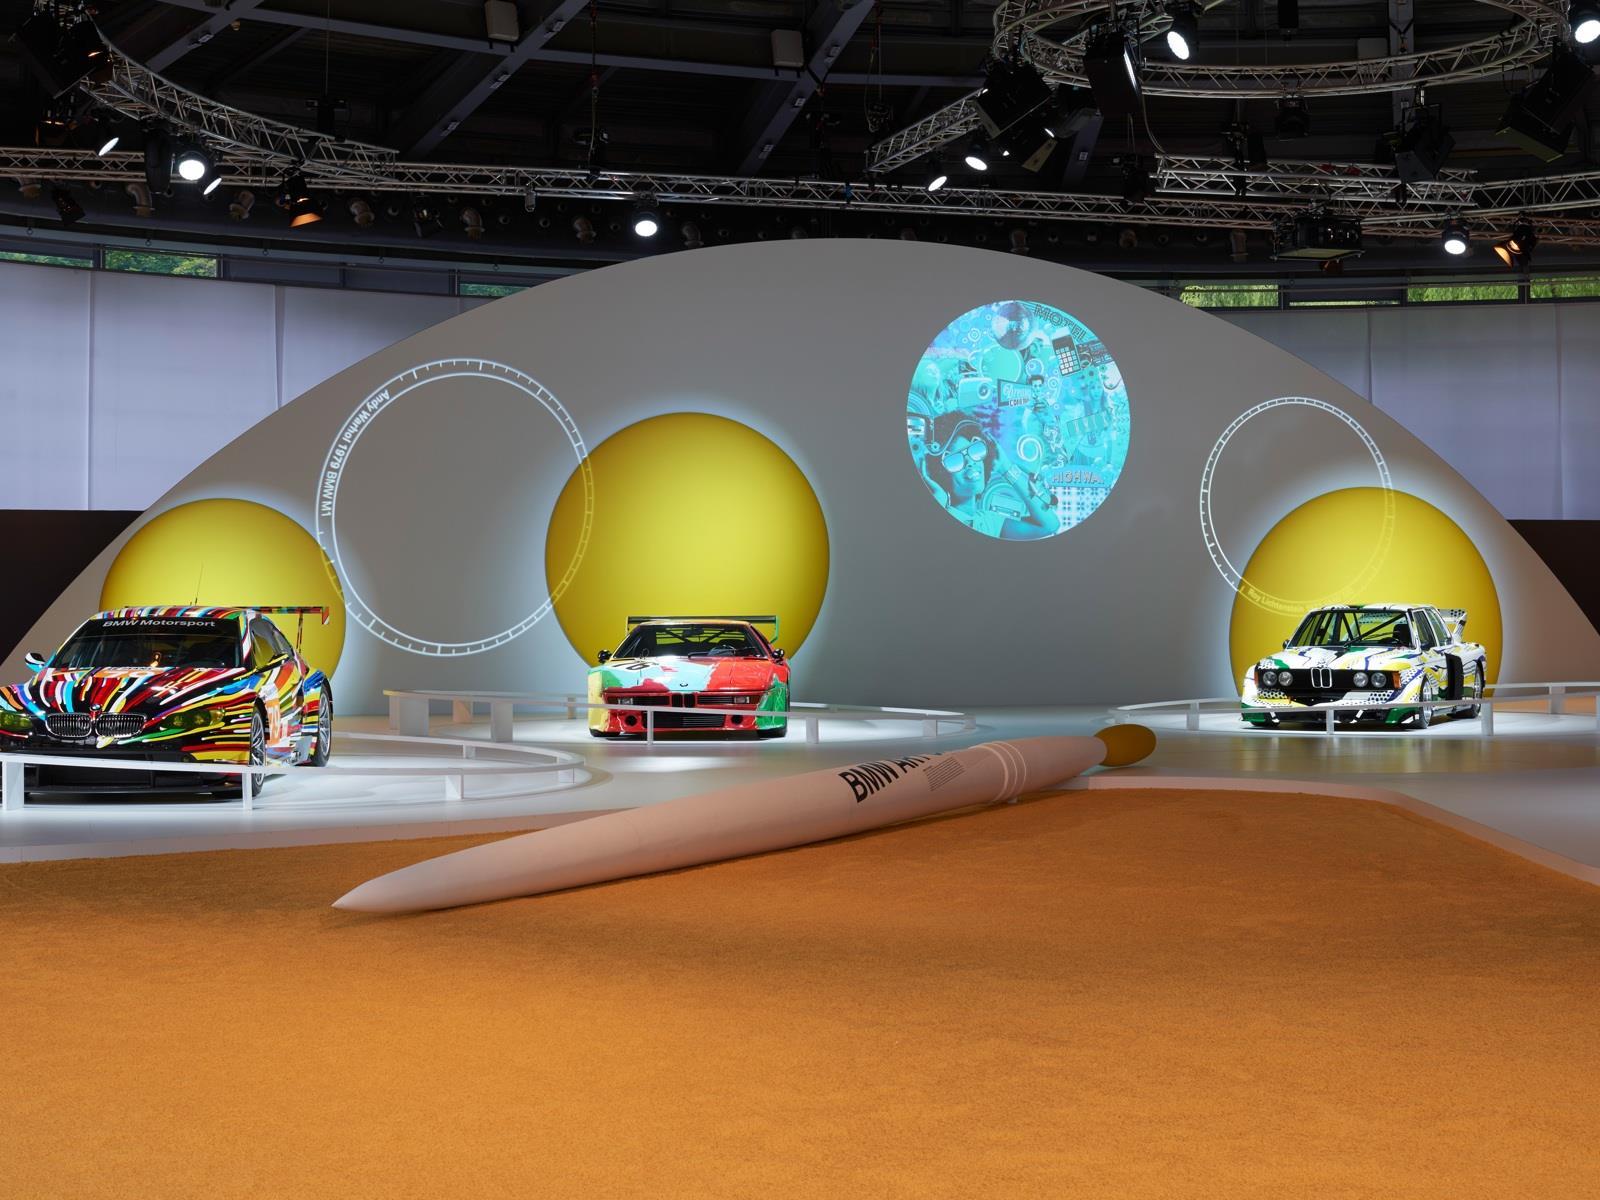 GAZ_5634062eade244c083414210d36254ea Cool Bmw Z1 Joyas sobre Ruedas Cars Trend